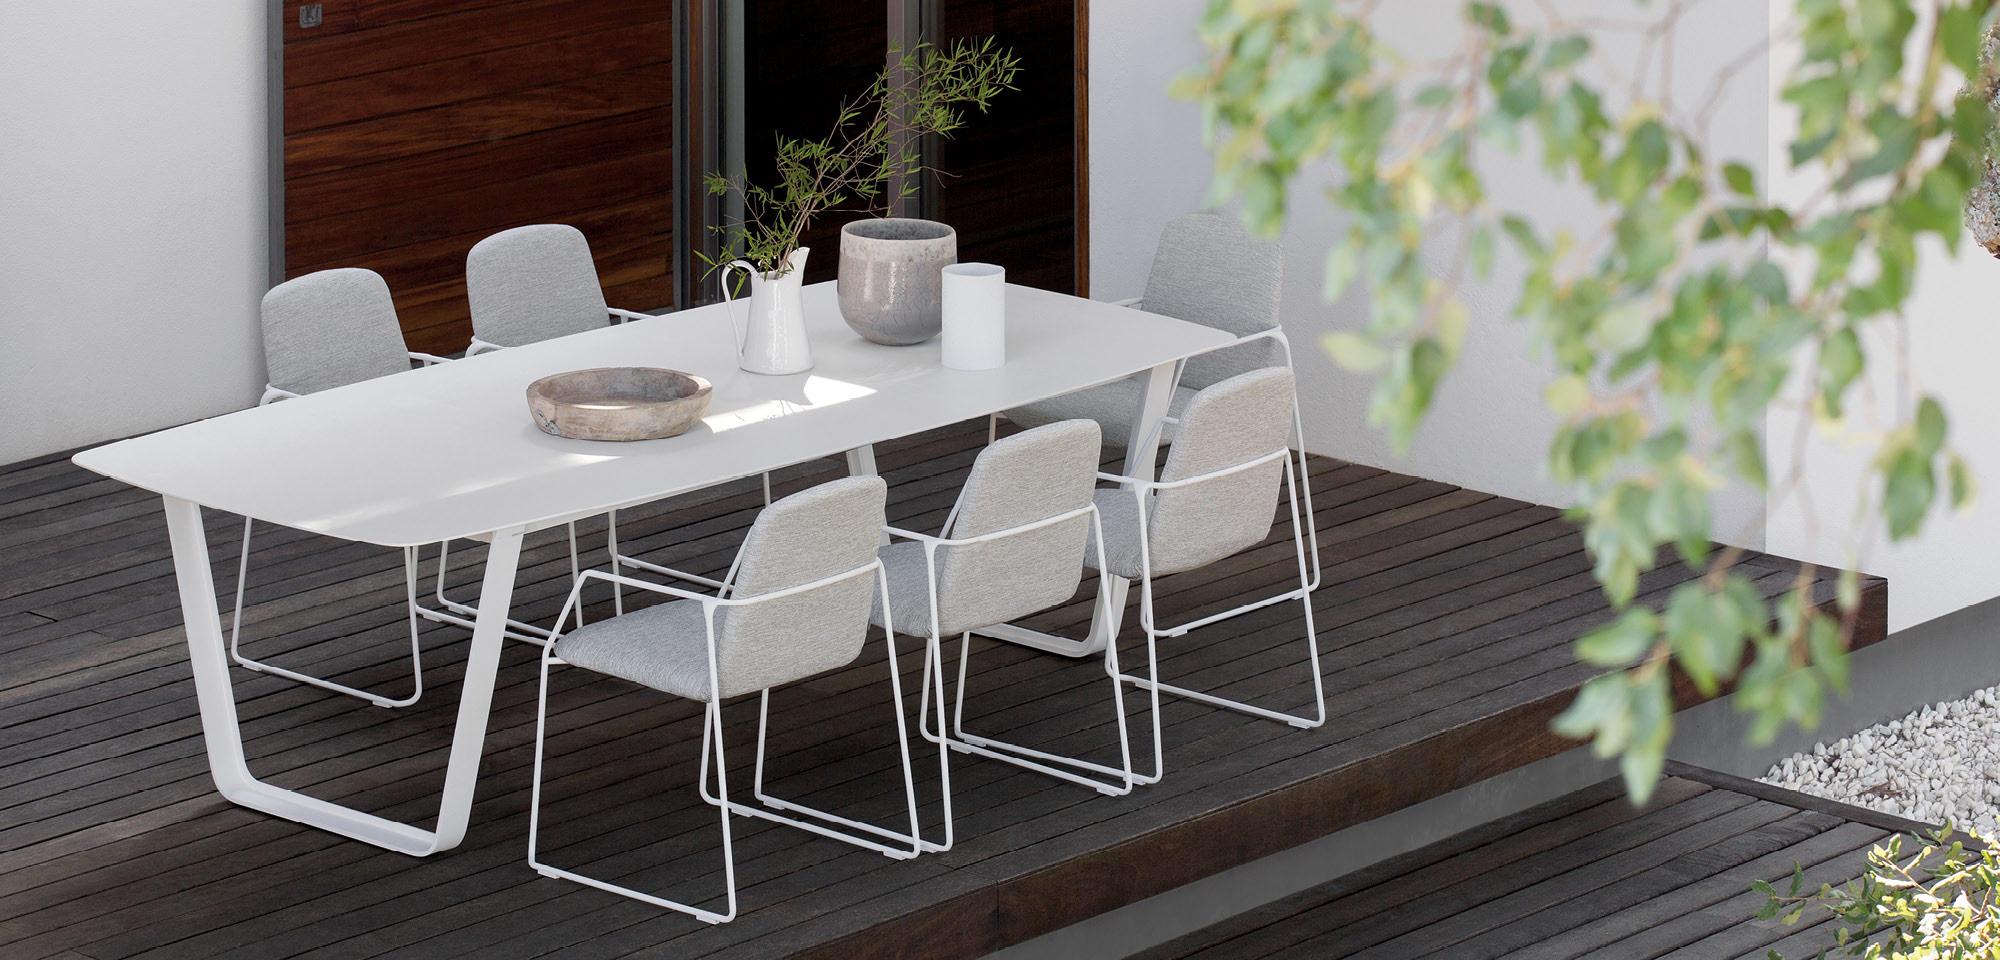 Premout Manutti Exclusive Belgian furniture